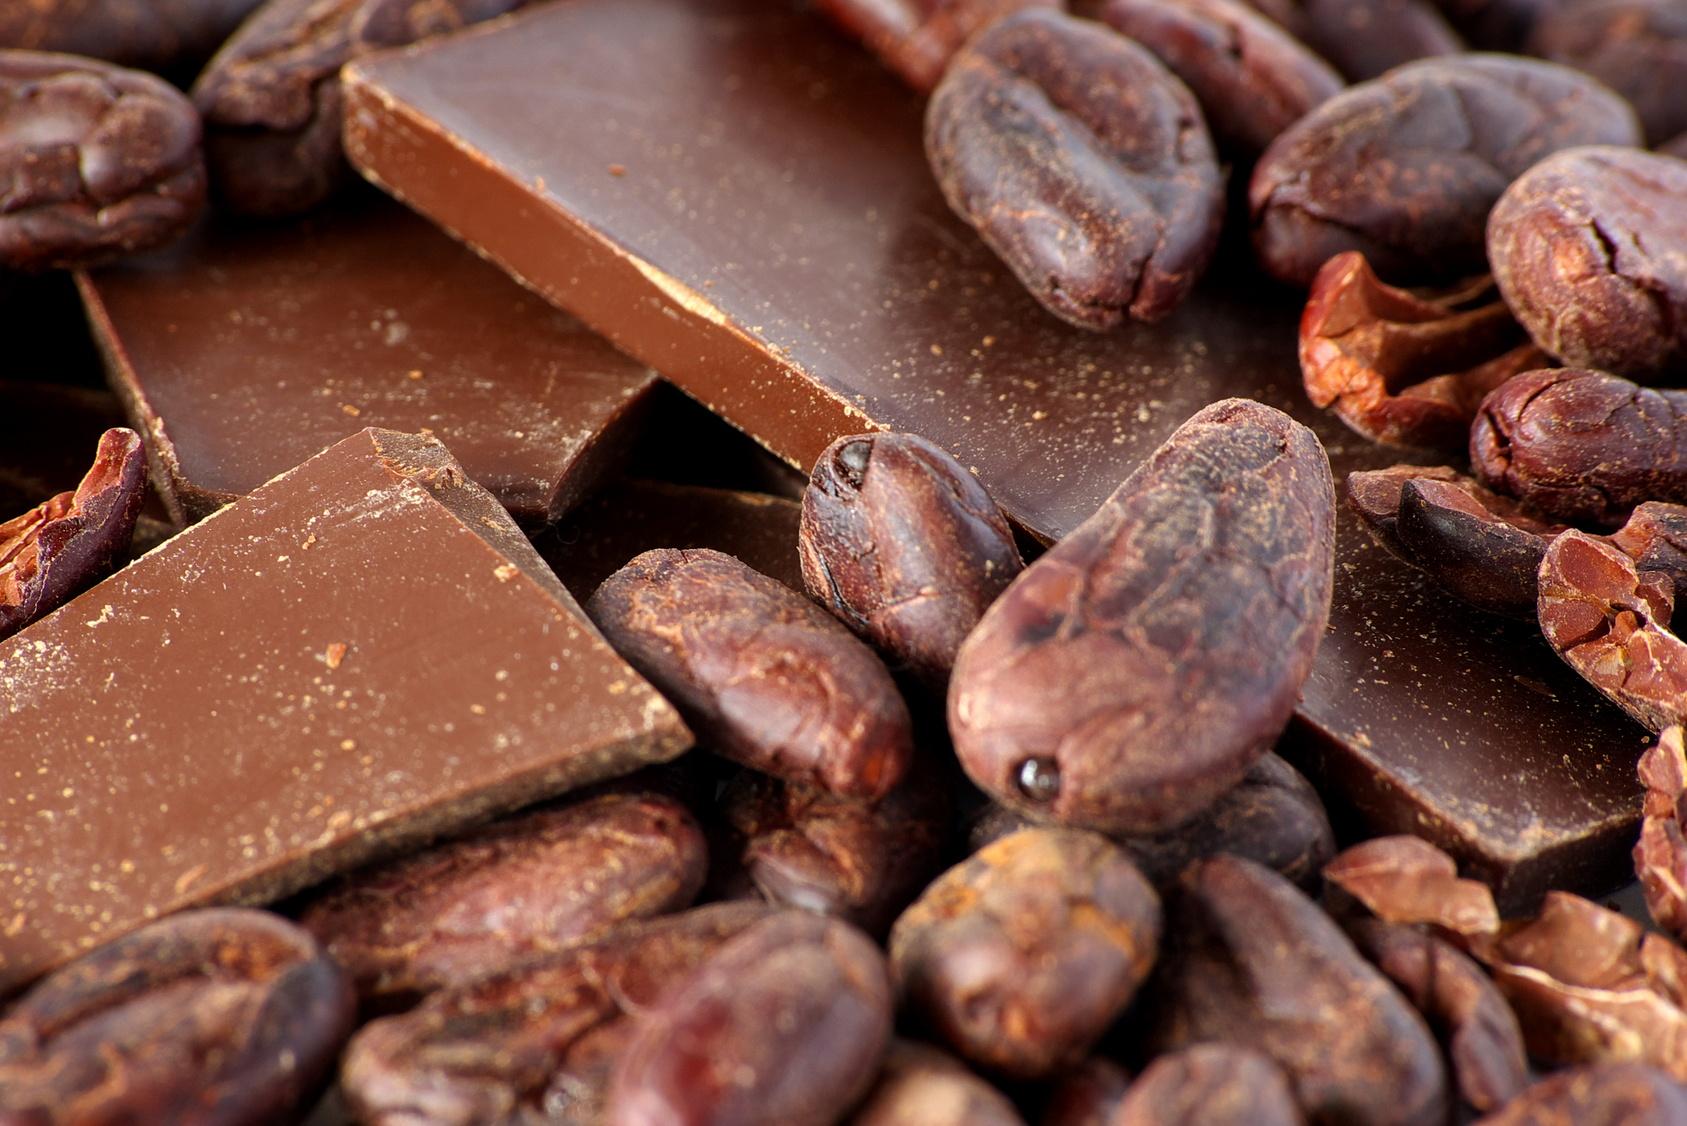 cacao-beans-and-choco-original